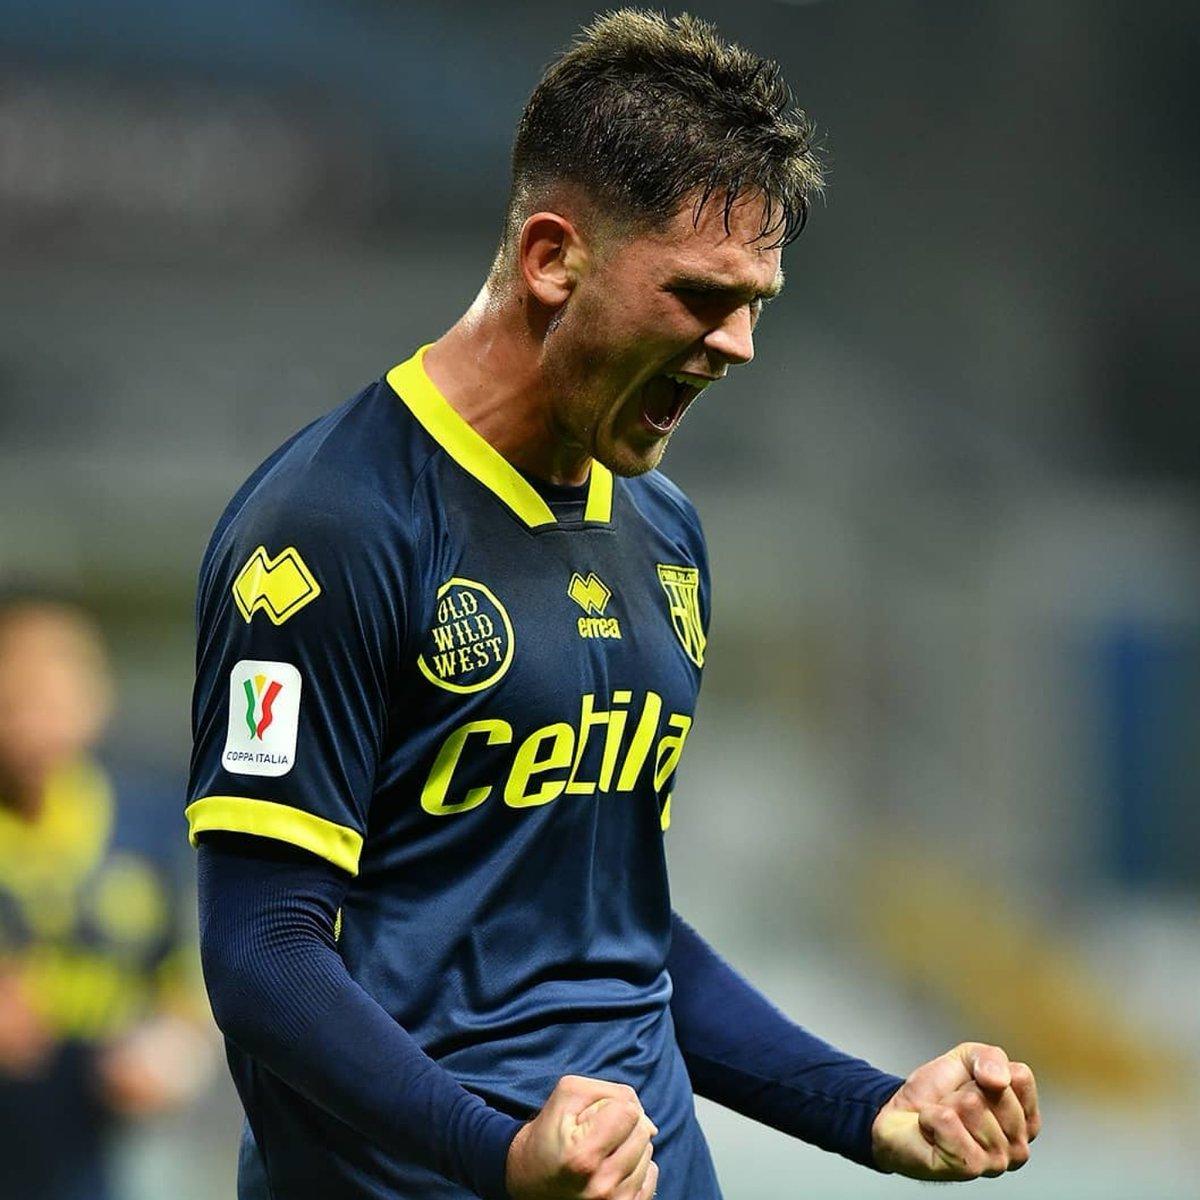 Gol de Andrea Adorante en la victoria frente a #Pescara #Parma #Calcio #Italia #JugadoresDodici https://t.co/yeYfUkXveN